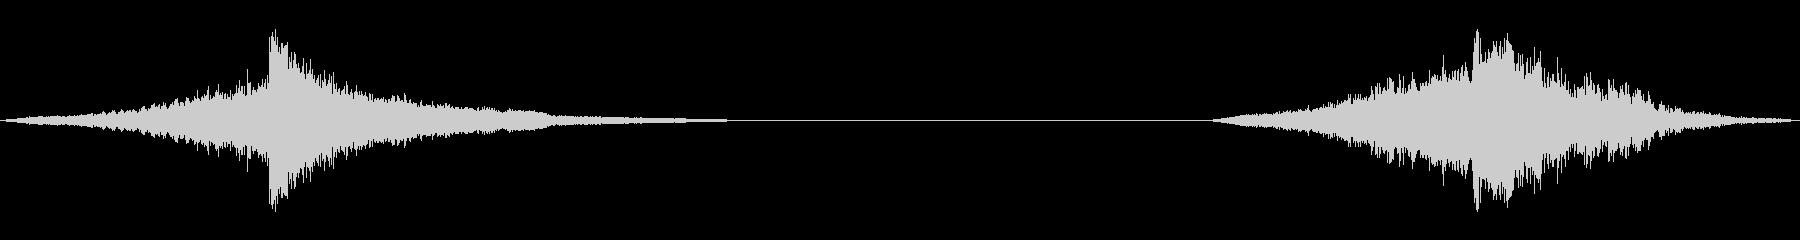 カートン、シンバル、リバース+ヒッ...の未再生の波形